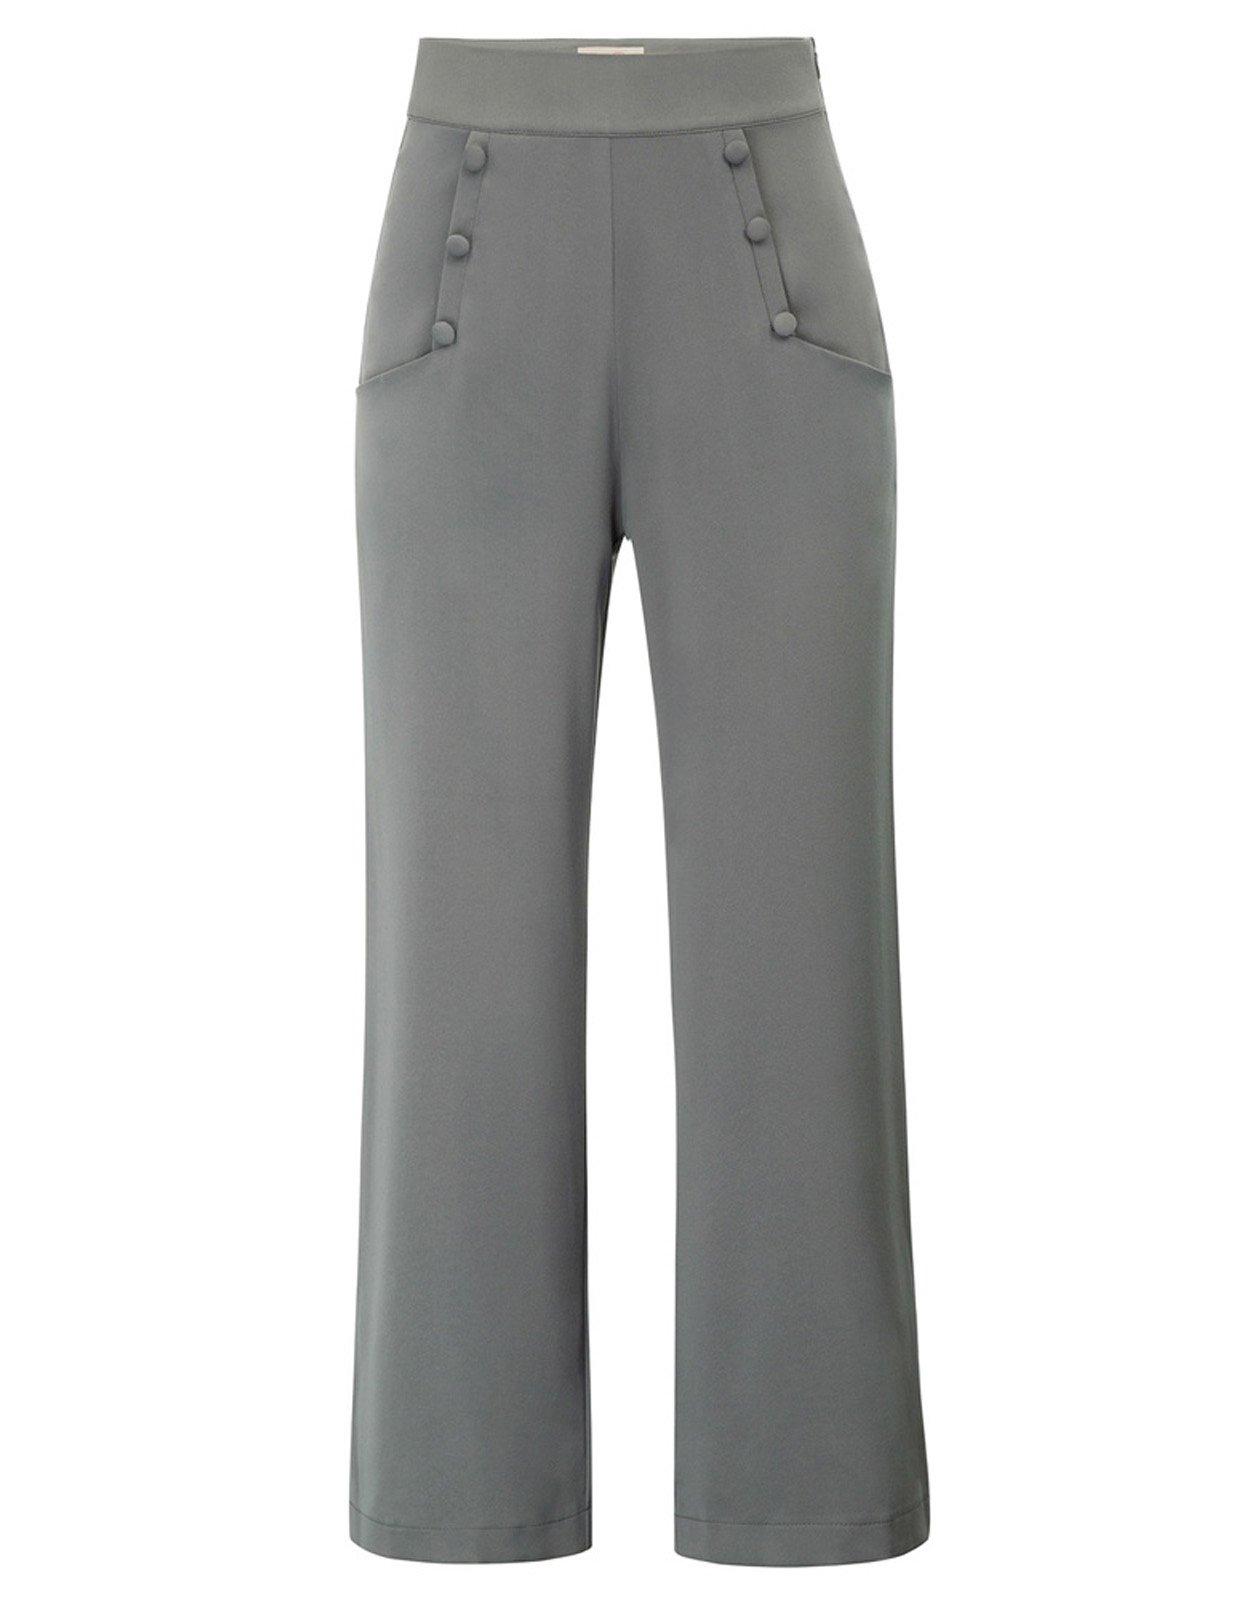 Belle Poque Women's Summer Cool High Waist Wide Leg Pants Gray Size S BP566-2